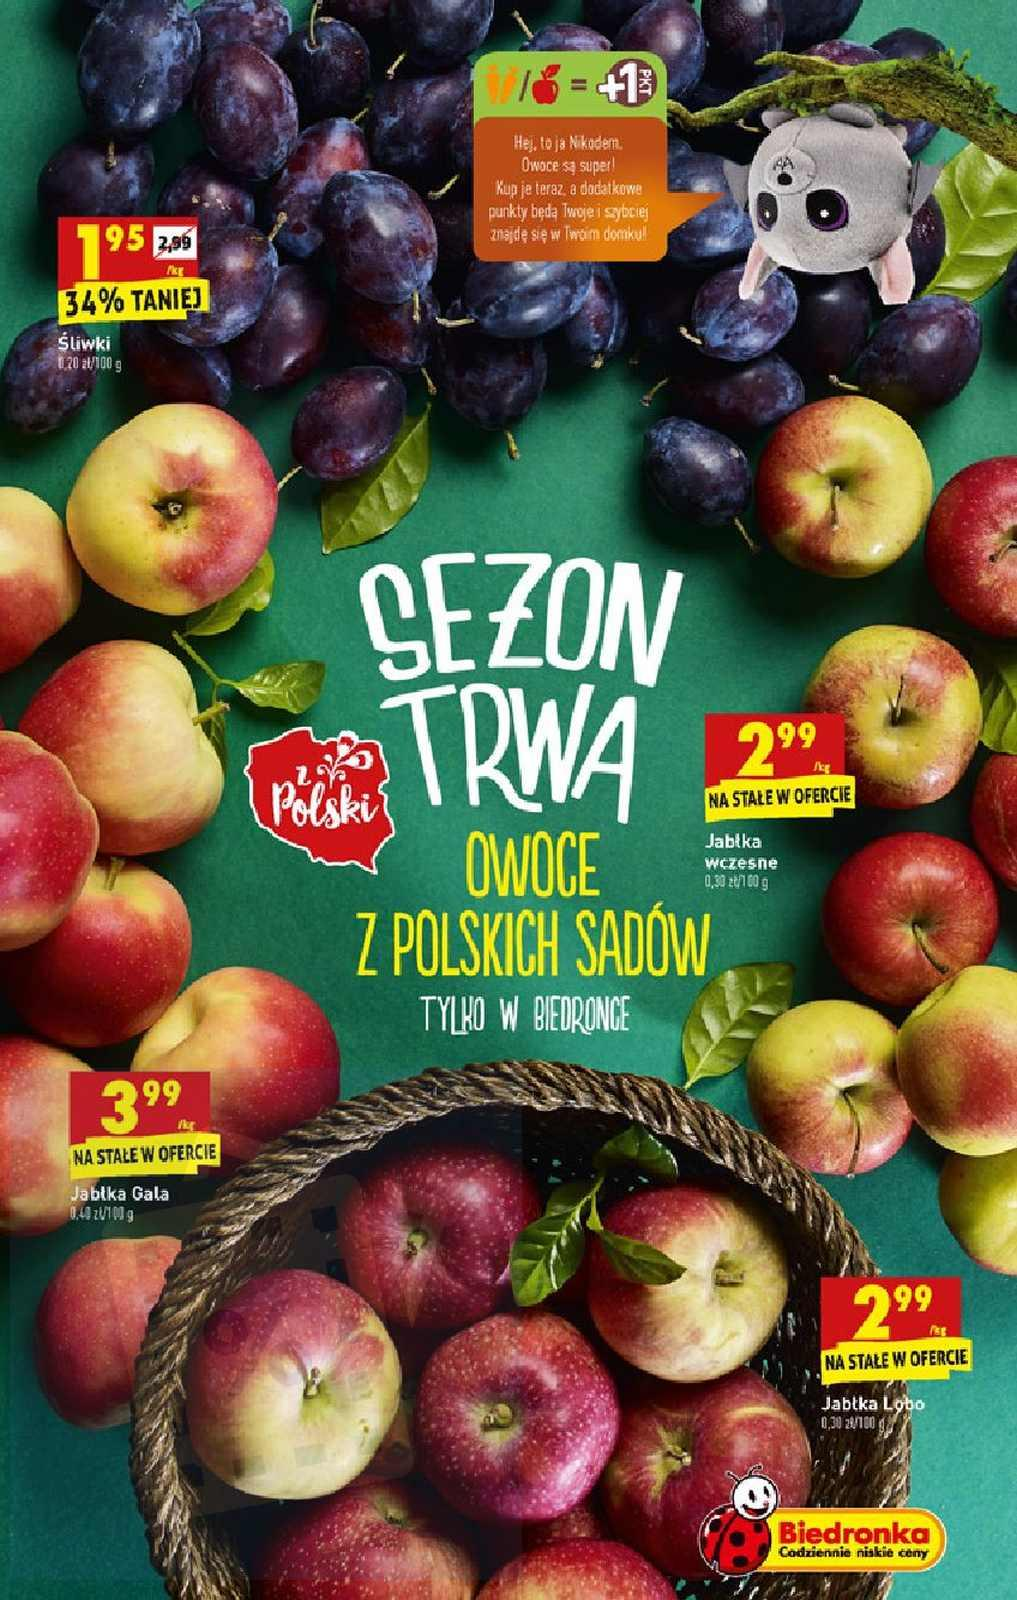 Gazetka promocyjna Biedronka do 14/09/2019 str.13